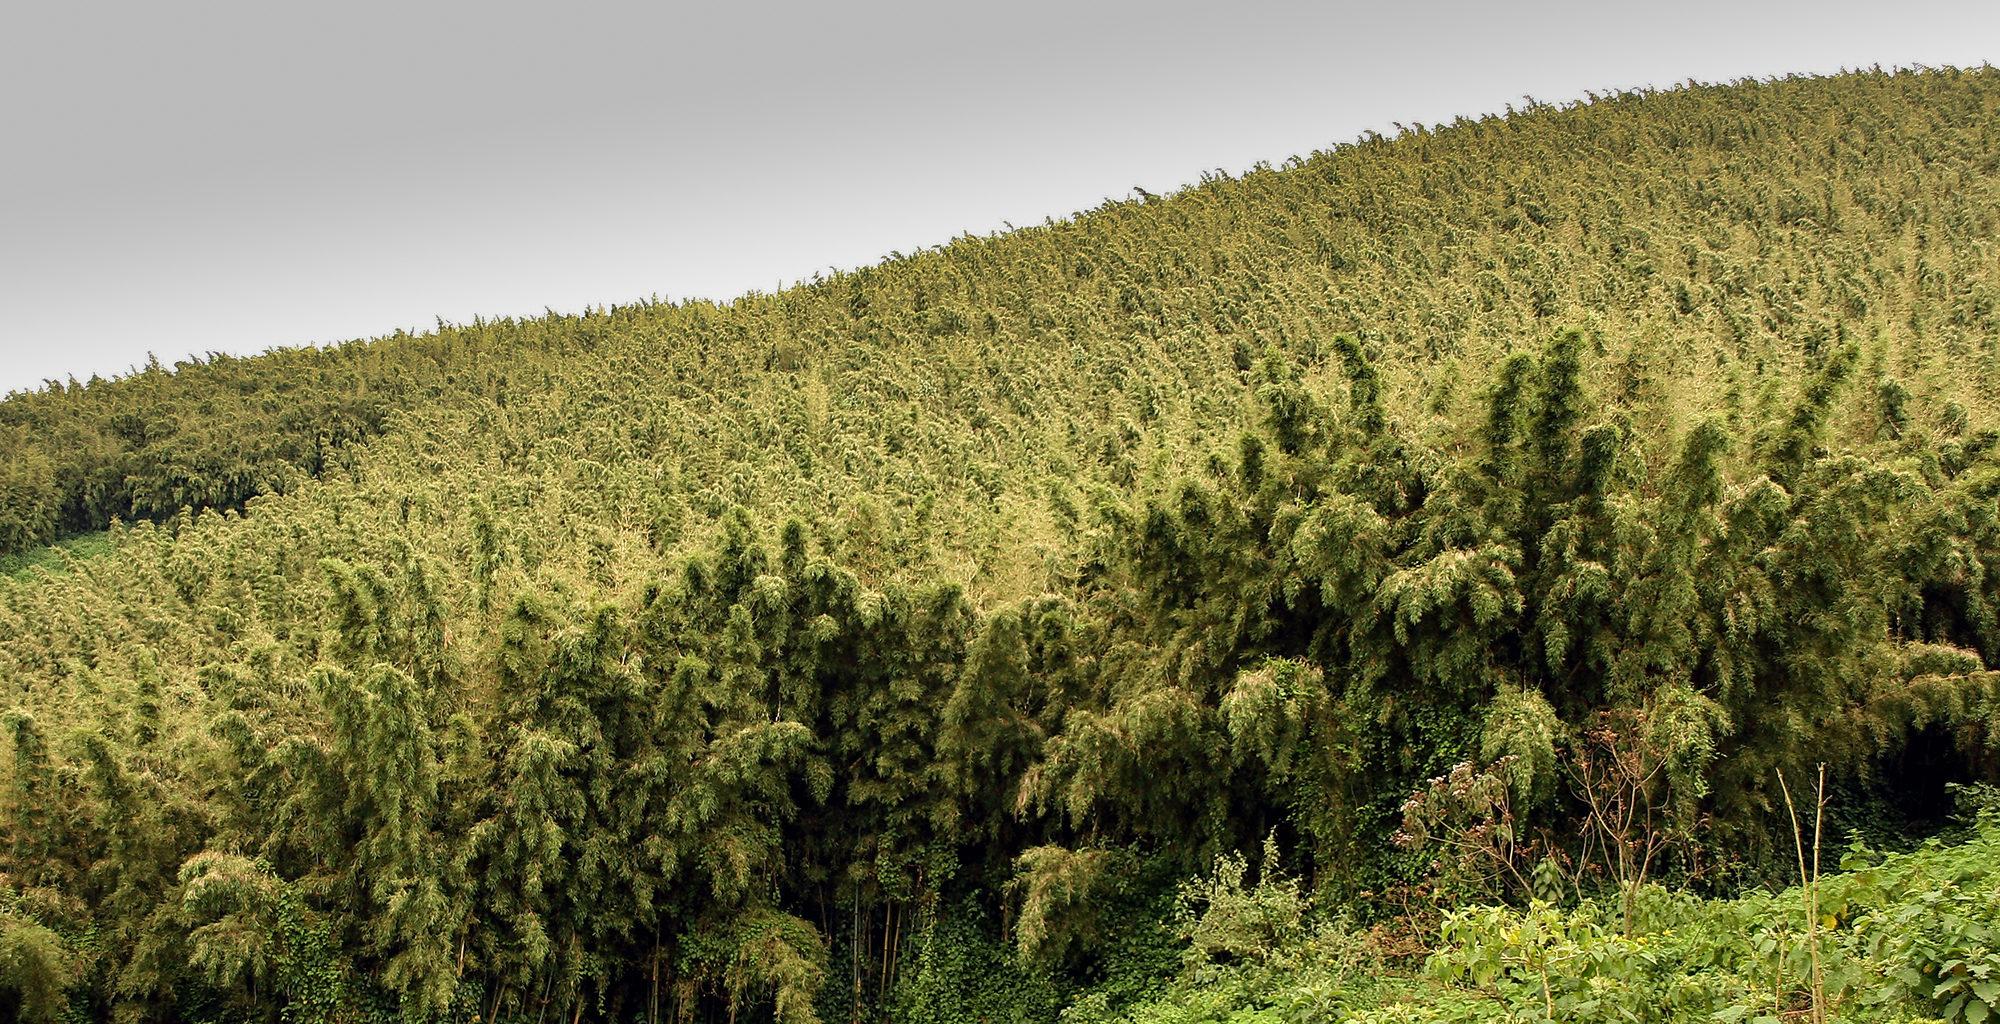 Rwanda-Volcanoes-National-Park-Forest